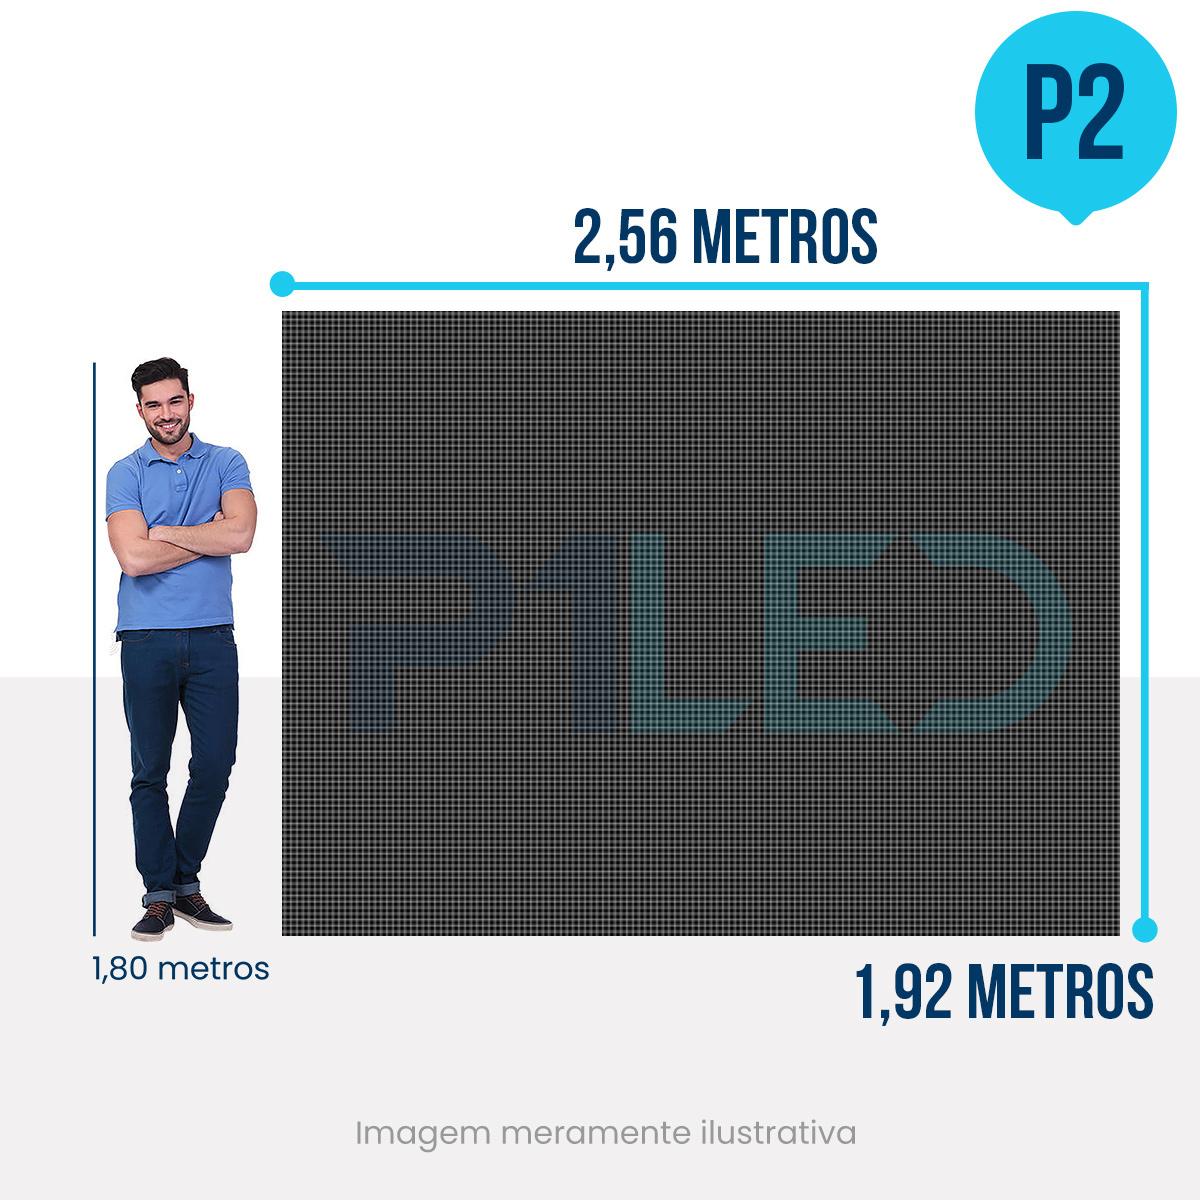 Painel de LED para Lojas e Comércios 2,56 x 1,92 - Telão P2.5 Indoor  - Painel e Telão de LED - O Melhor Preço em Painel de LED | P1LED